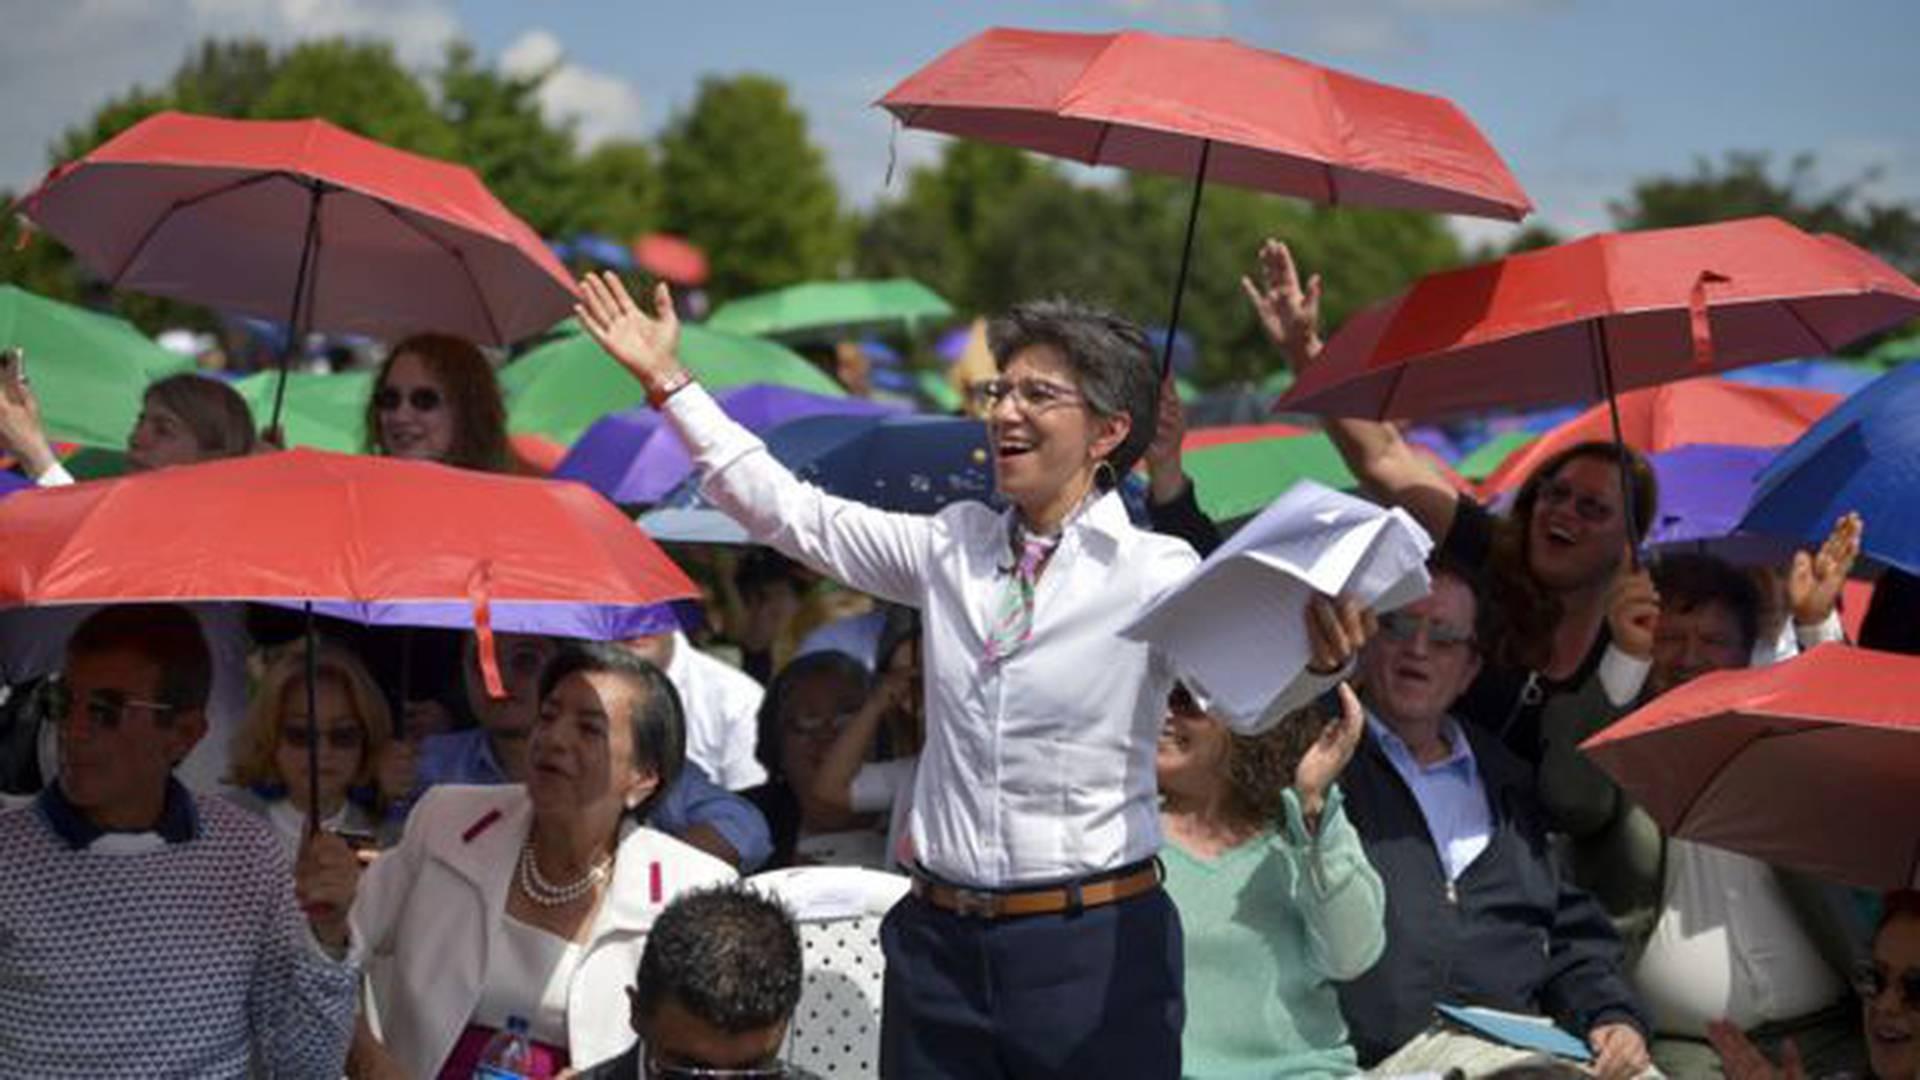 """López dice que el liderazgo se construye con simpatía colectiva más que con estrategias sofisticadas. Sus críticos llaman eso """"populismo""""."""